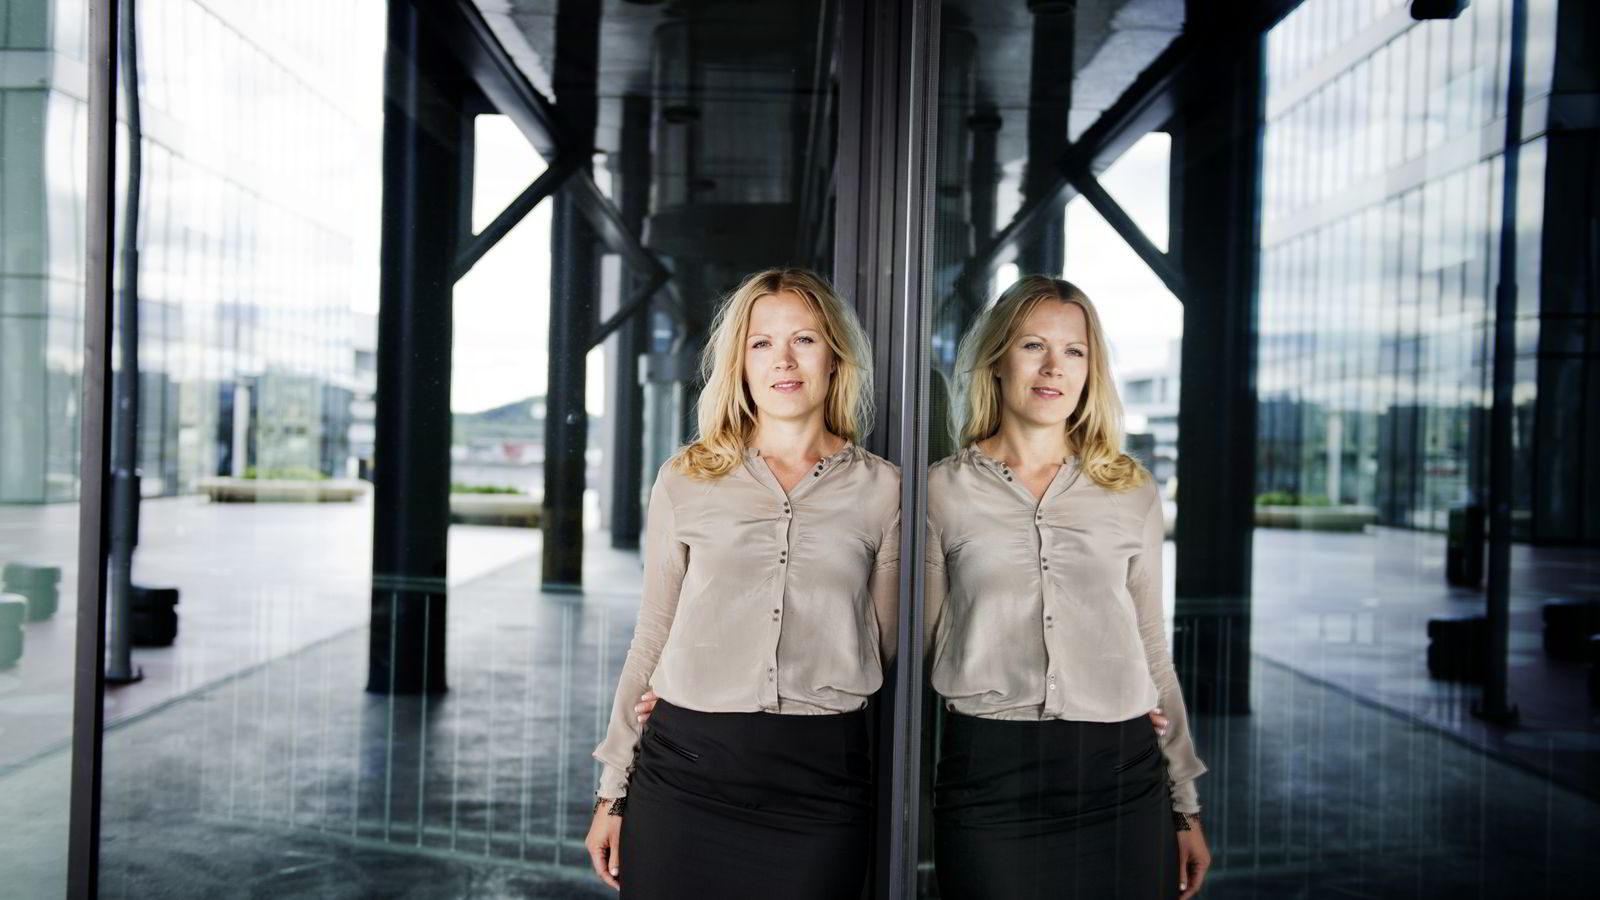 BÆREKRAFTIG PENSUM. Klp-rådgiver og Norsif-styreleder Heidi Finskas mener økonomistudenter må lære at miljø og sosiale forhold kan ha mye å si for avkastningen til et selskap og investorenes strategier.